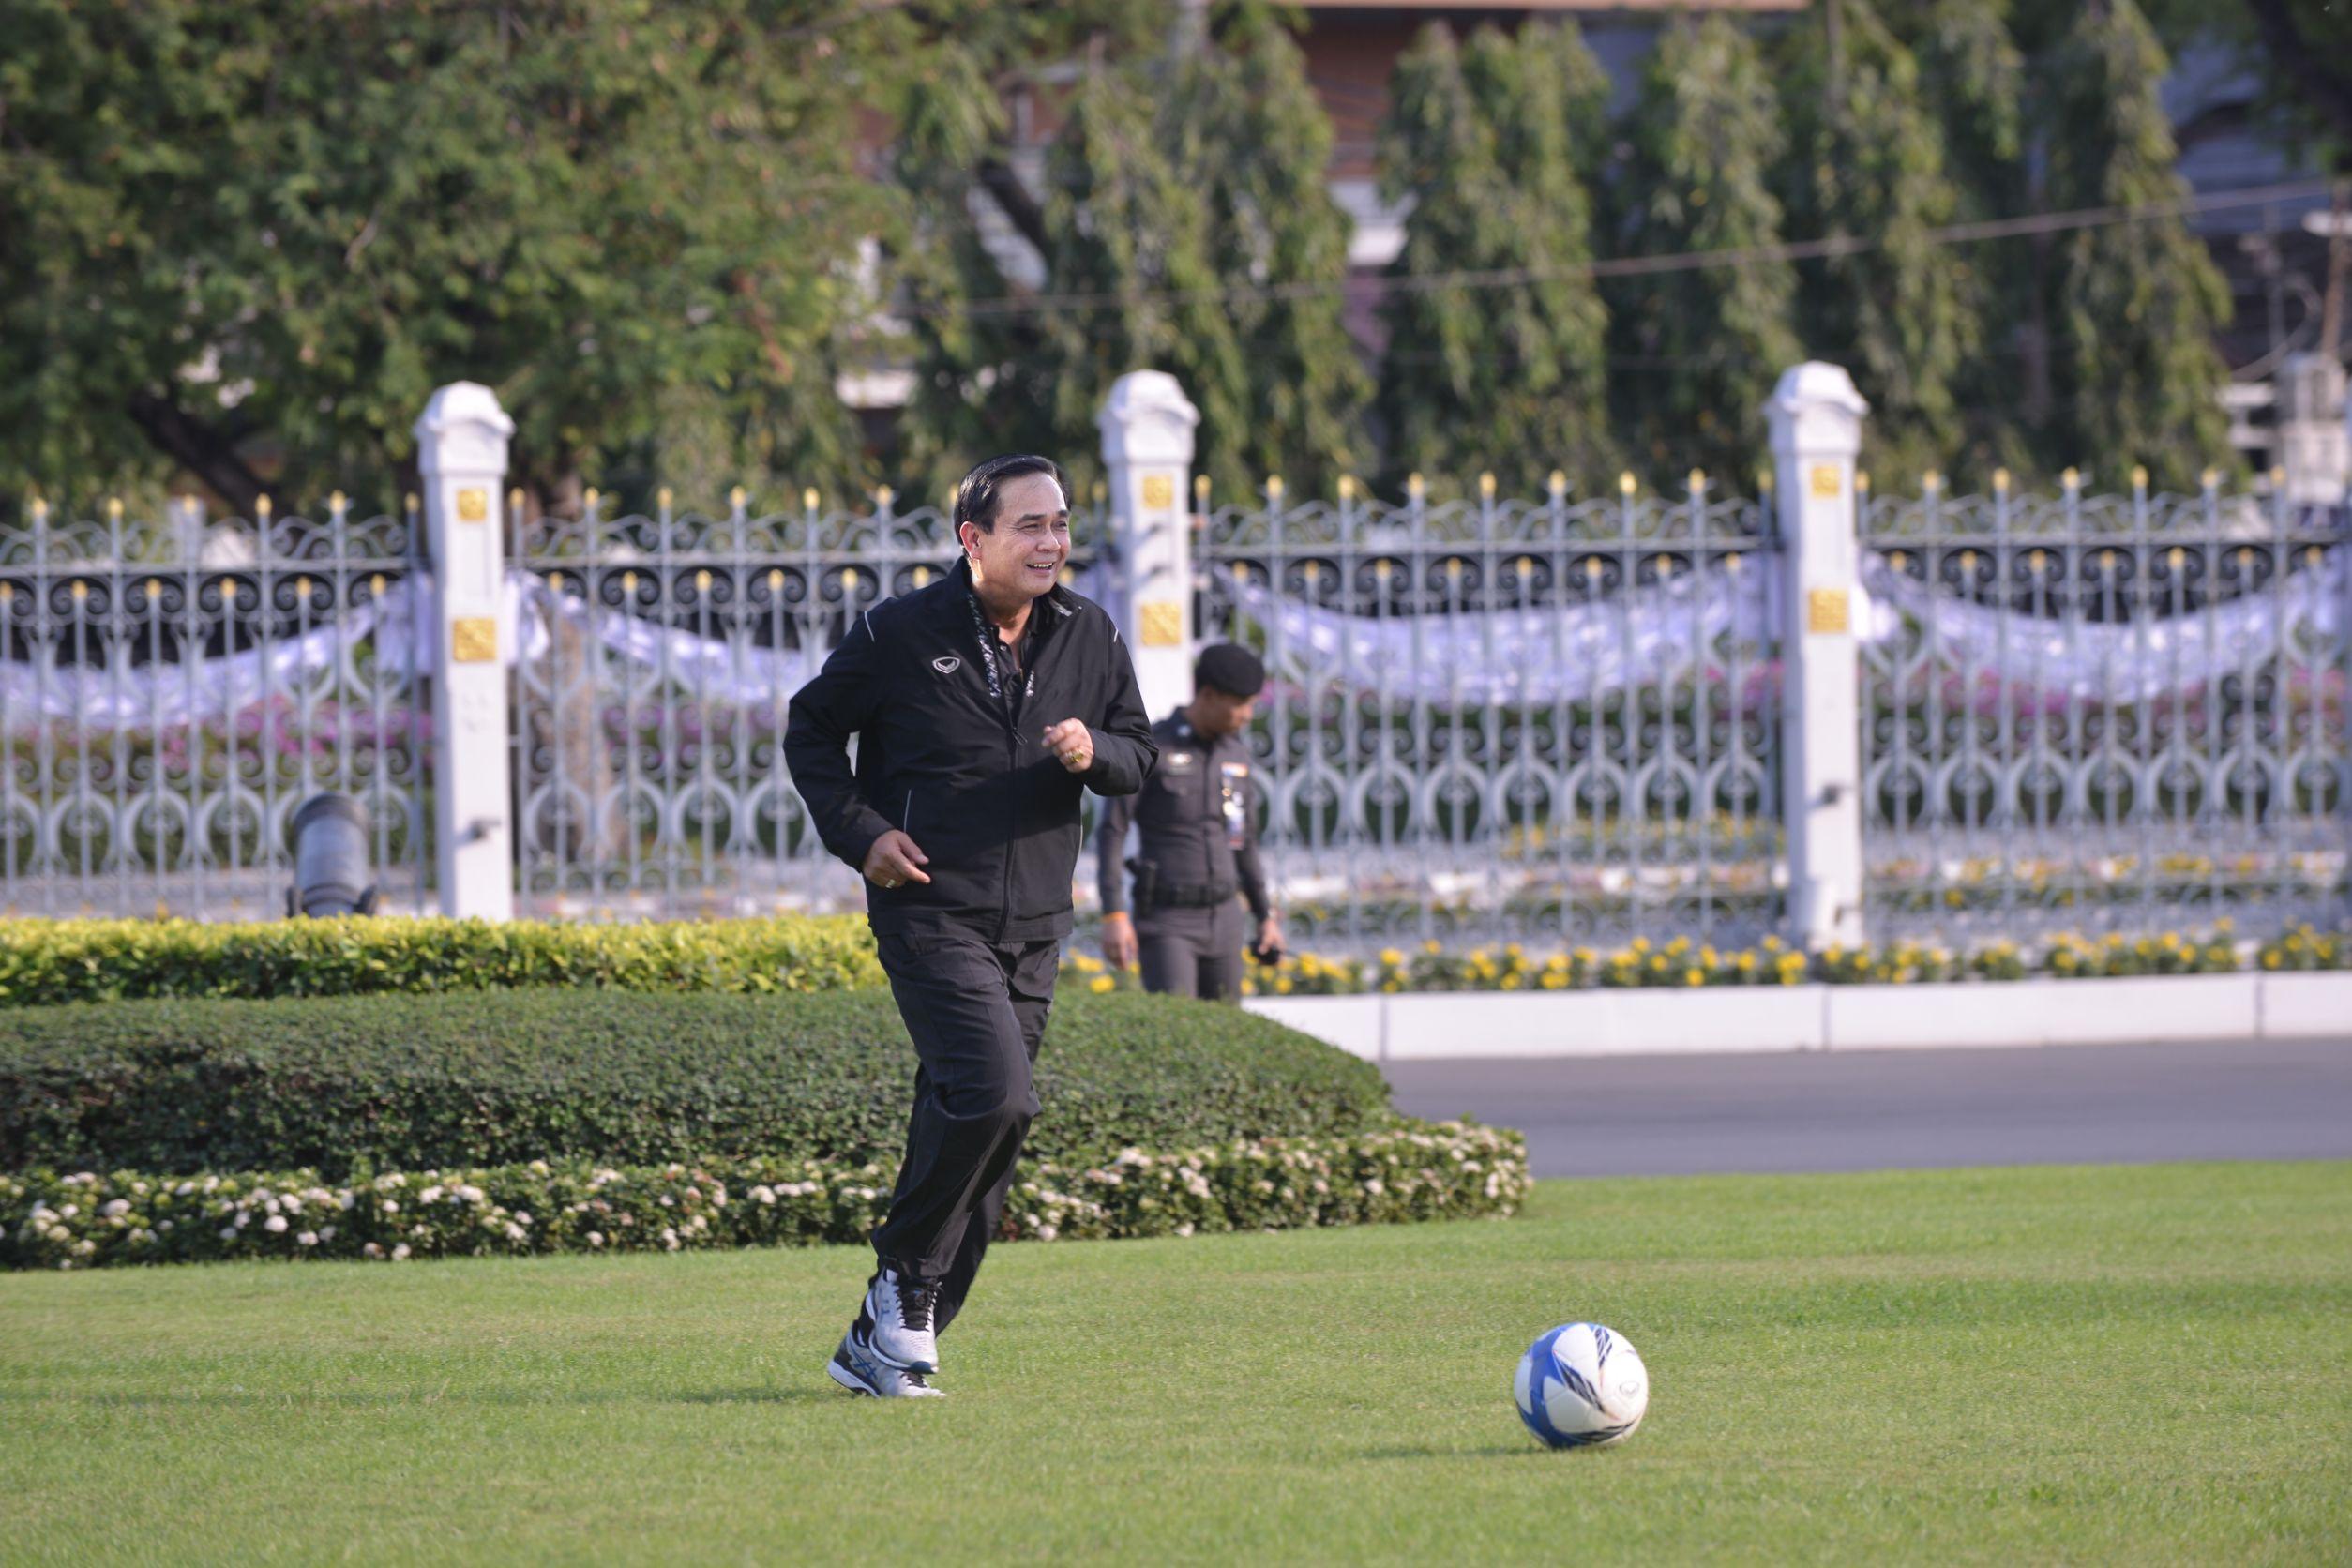 คนไทยขอบคุณนายกรัฐมนตรีได้ดูบอลยูโรตั้งแต่แมตแรก